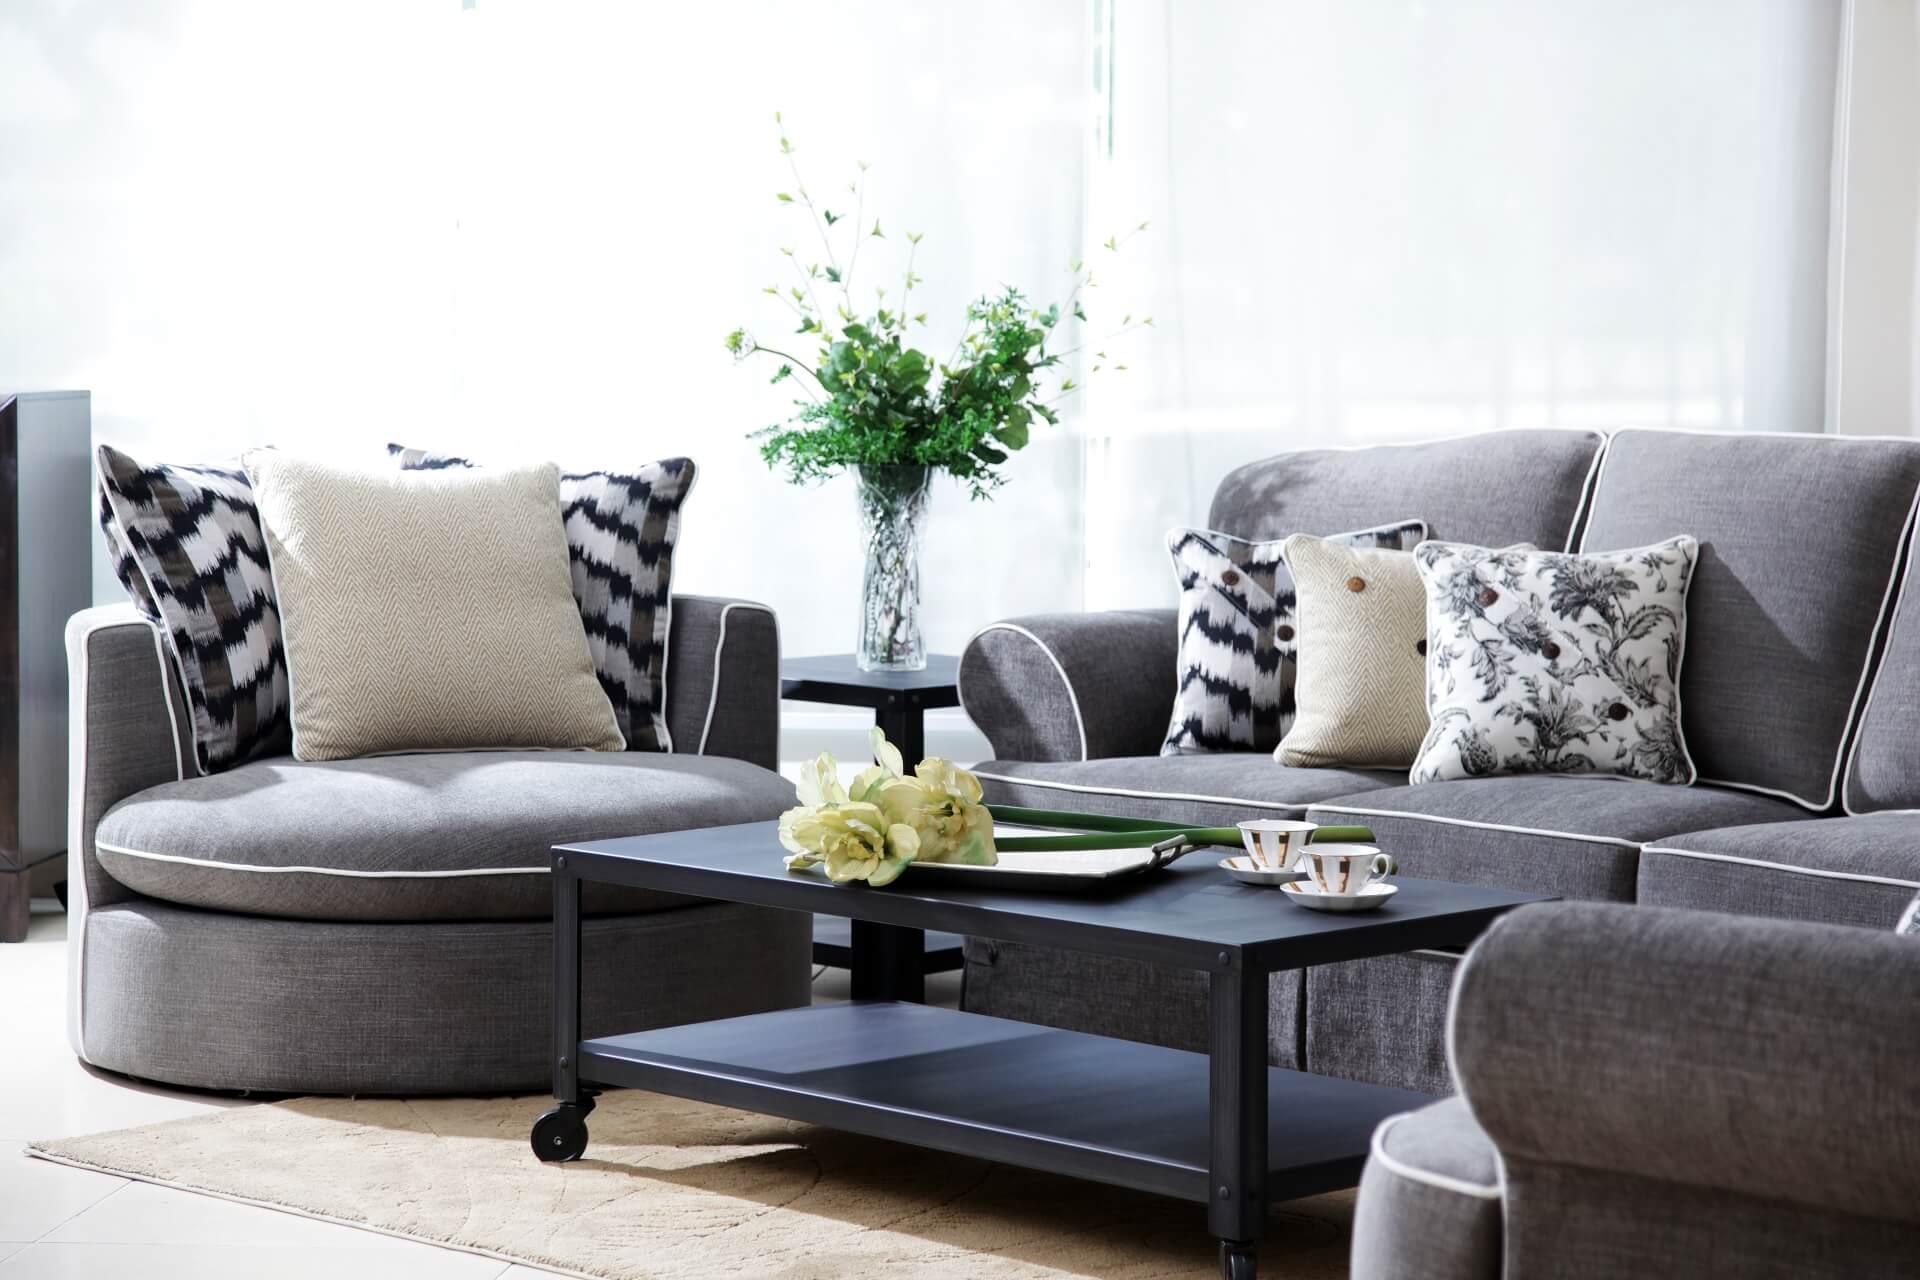 Những đặc điểm của một chiếc ghế sofa chất lượng